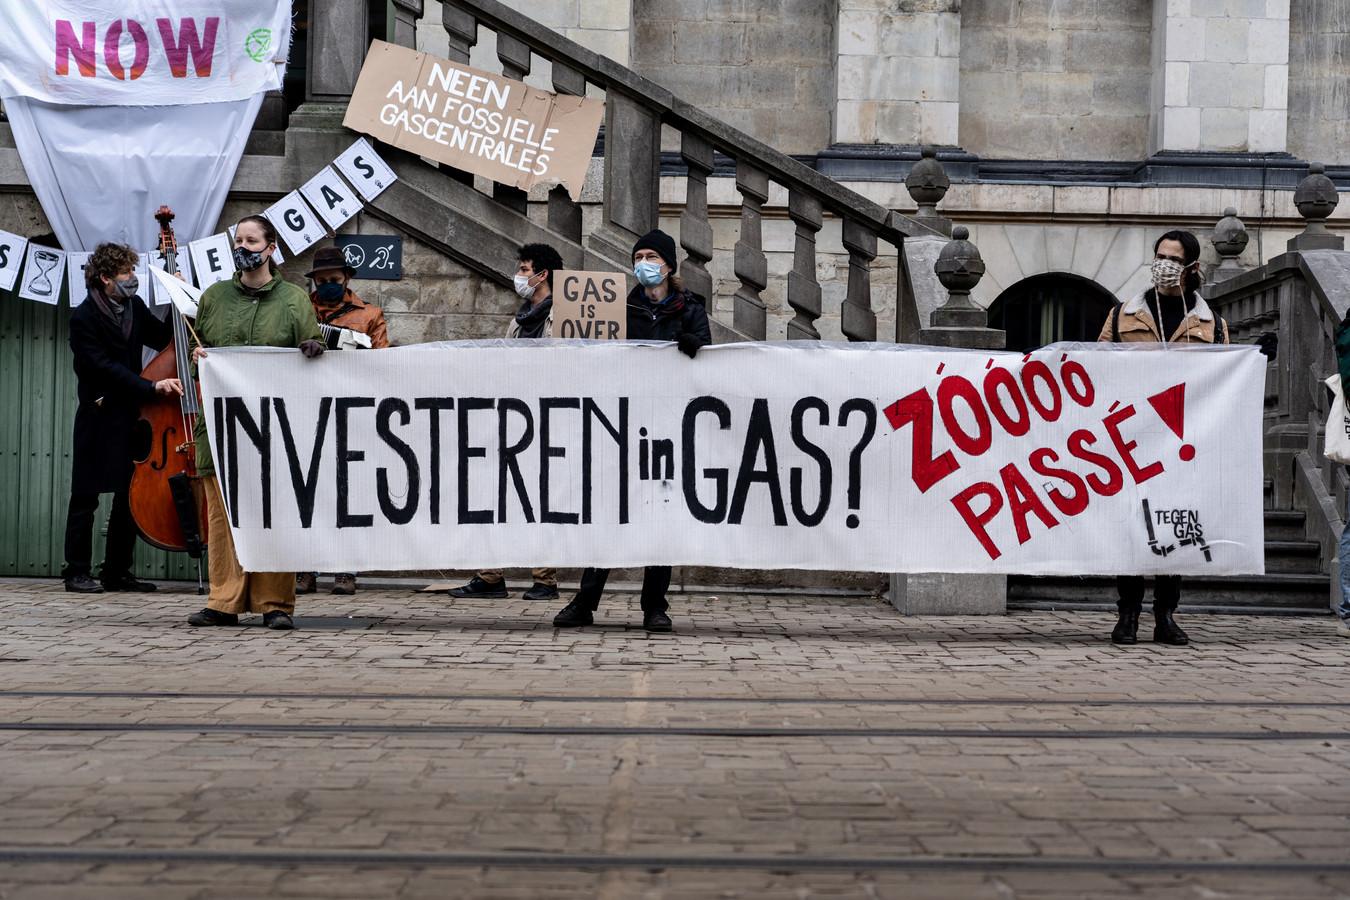 De actiegroep 'Tegengas' wil dat er geen gascentrale in Wondelgem wordt gebouwd. Anneleen Van Bossuyt (N-VA) betrok dit dossier bij het plan van de Stad Gent om tegen eind 2023 enkel nog fossielvrij te beleggen.